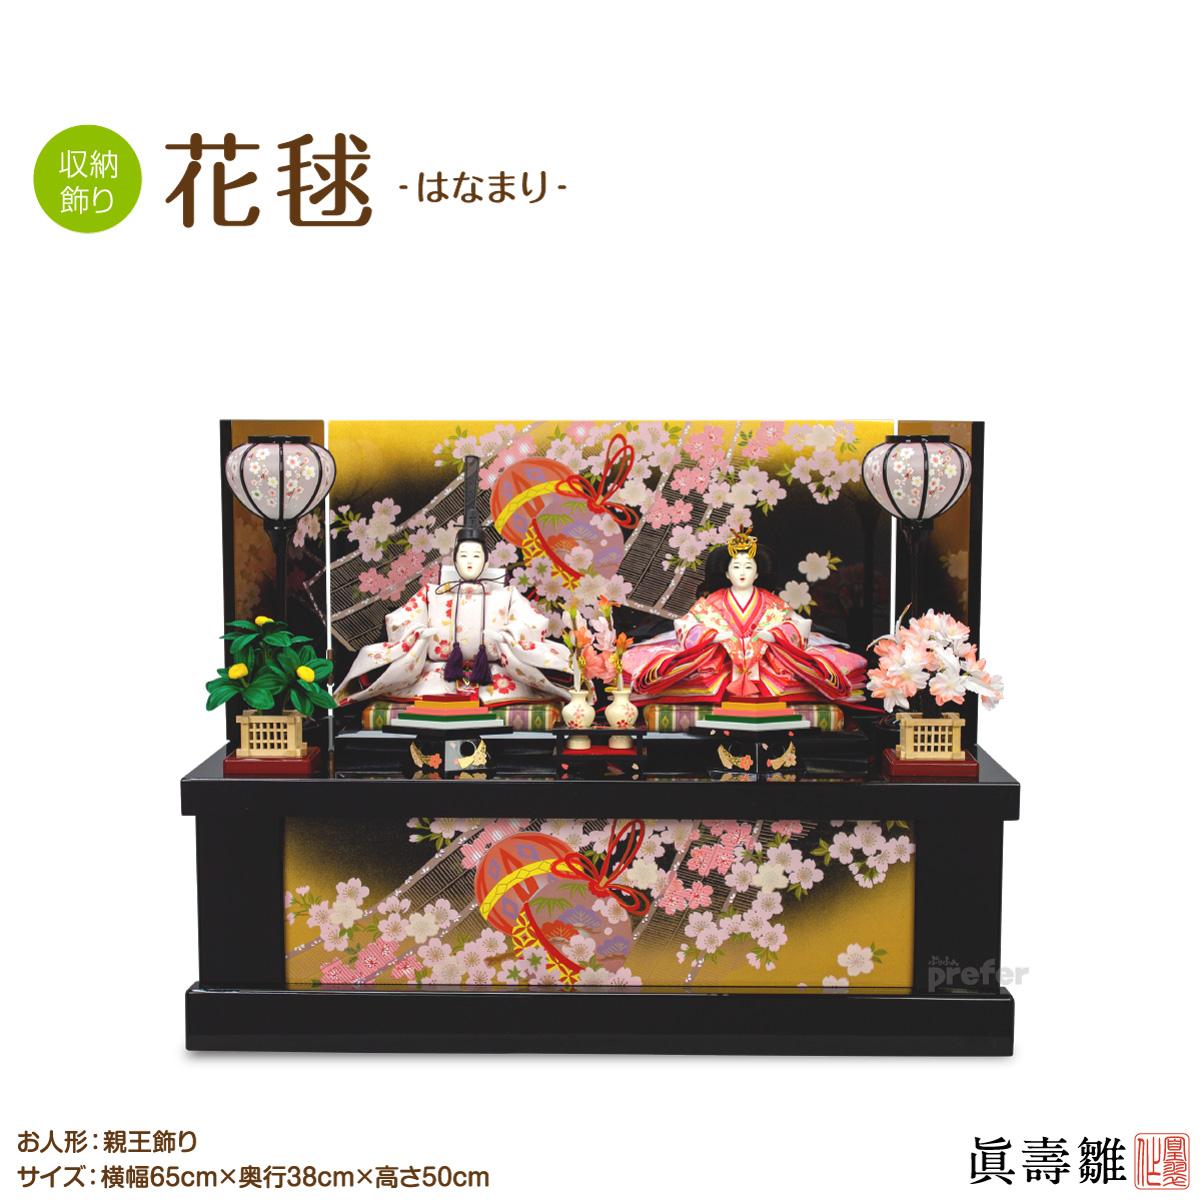 雛人形 収納飾り ひな人形 収納スペース付眞壽雛花毬(はなまり) コンパクト 収納雛 特選